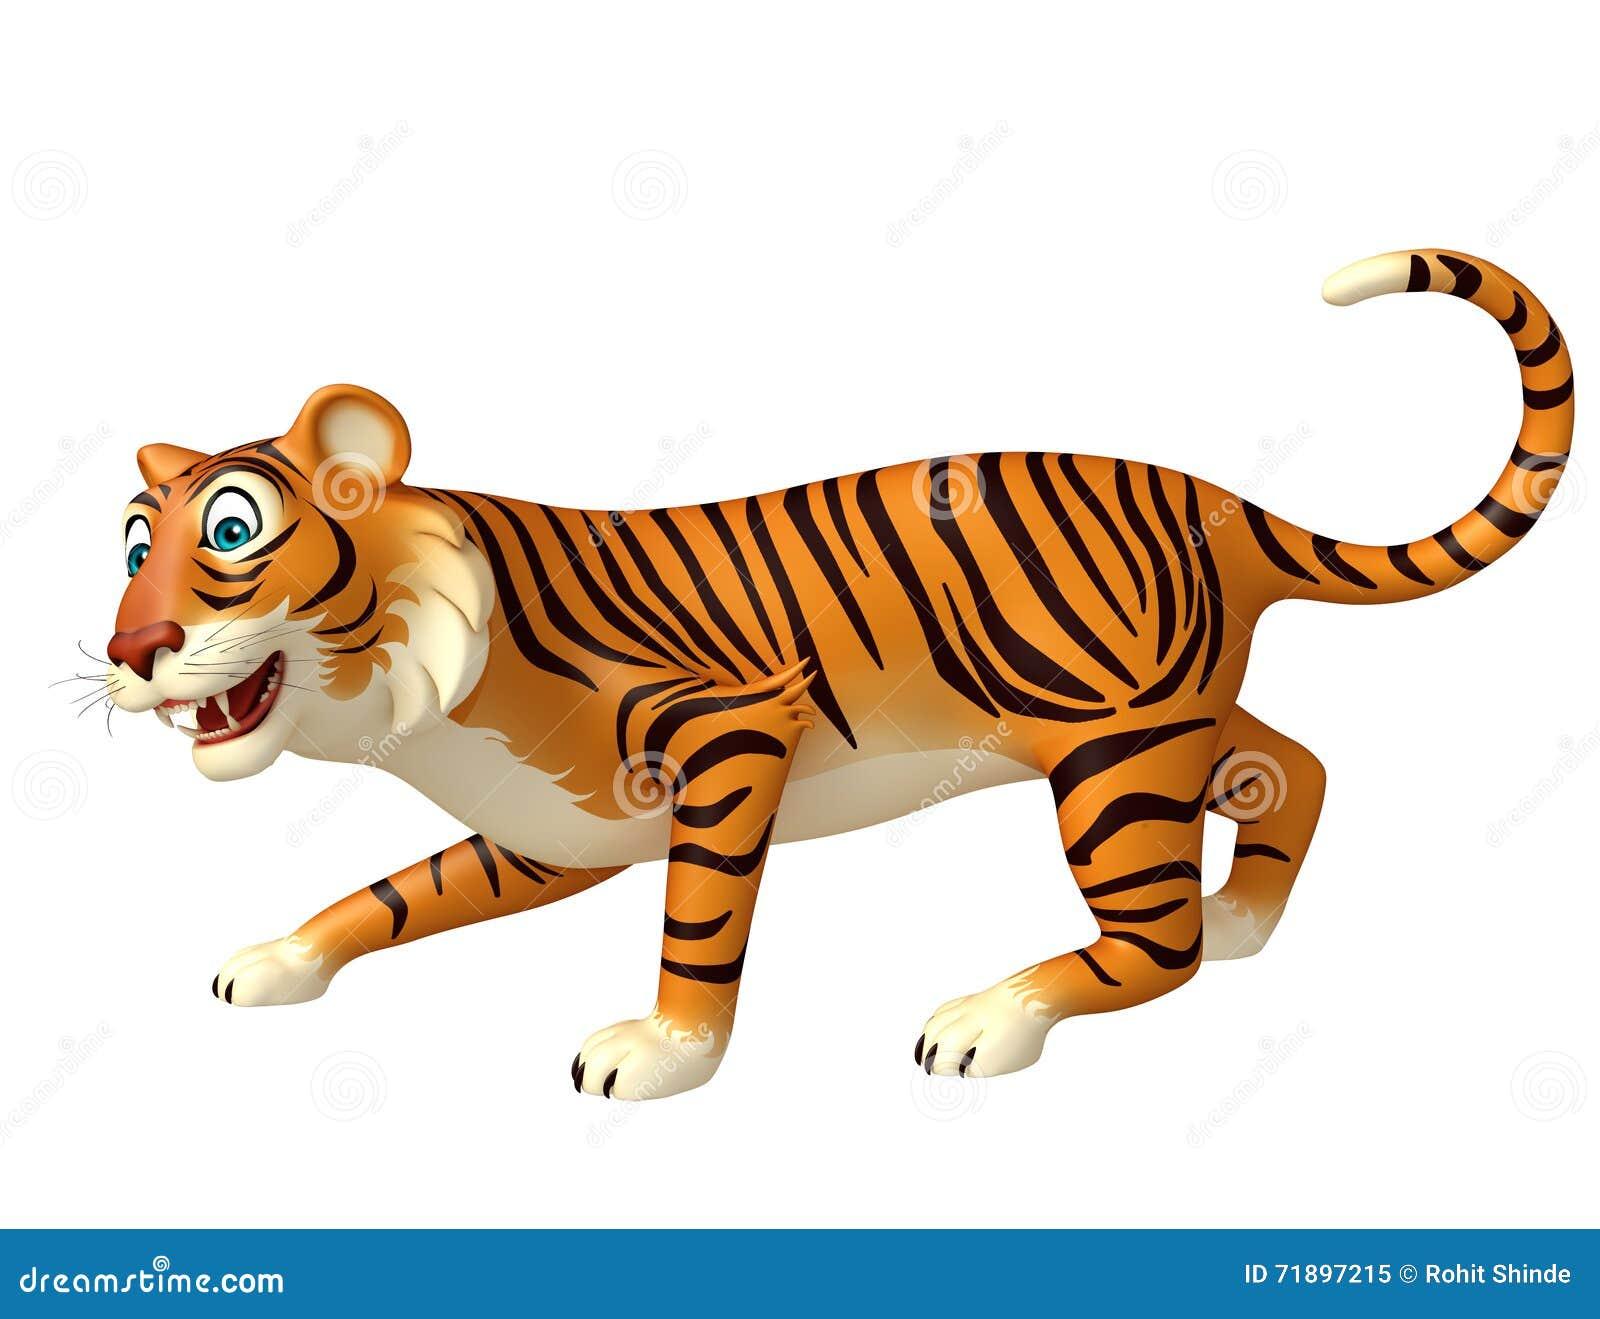 Personaggio dei cartoni animati divertente della tigre